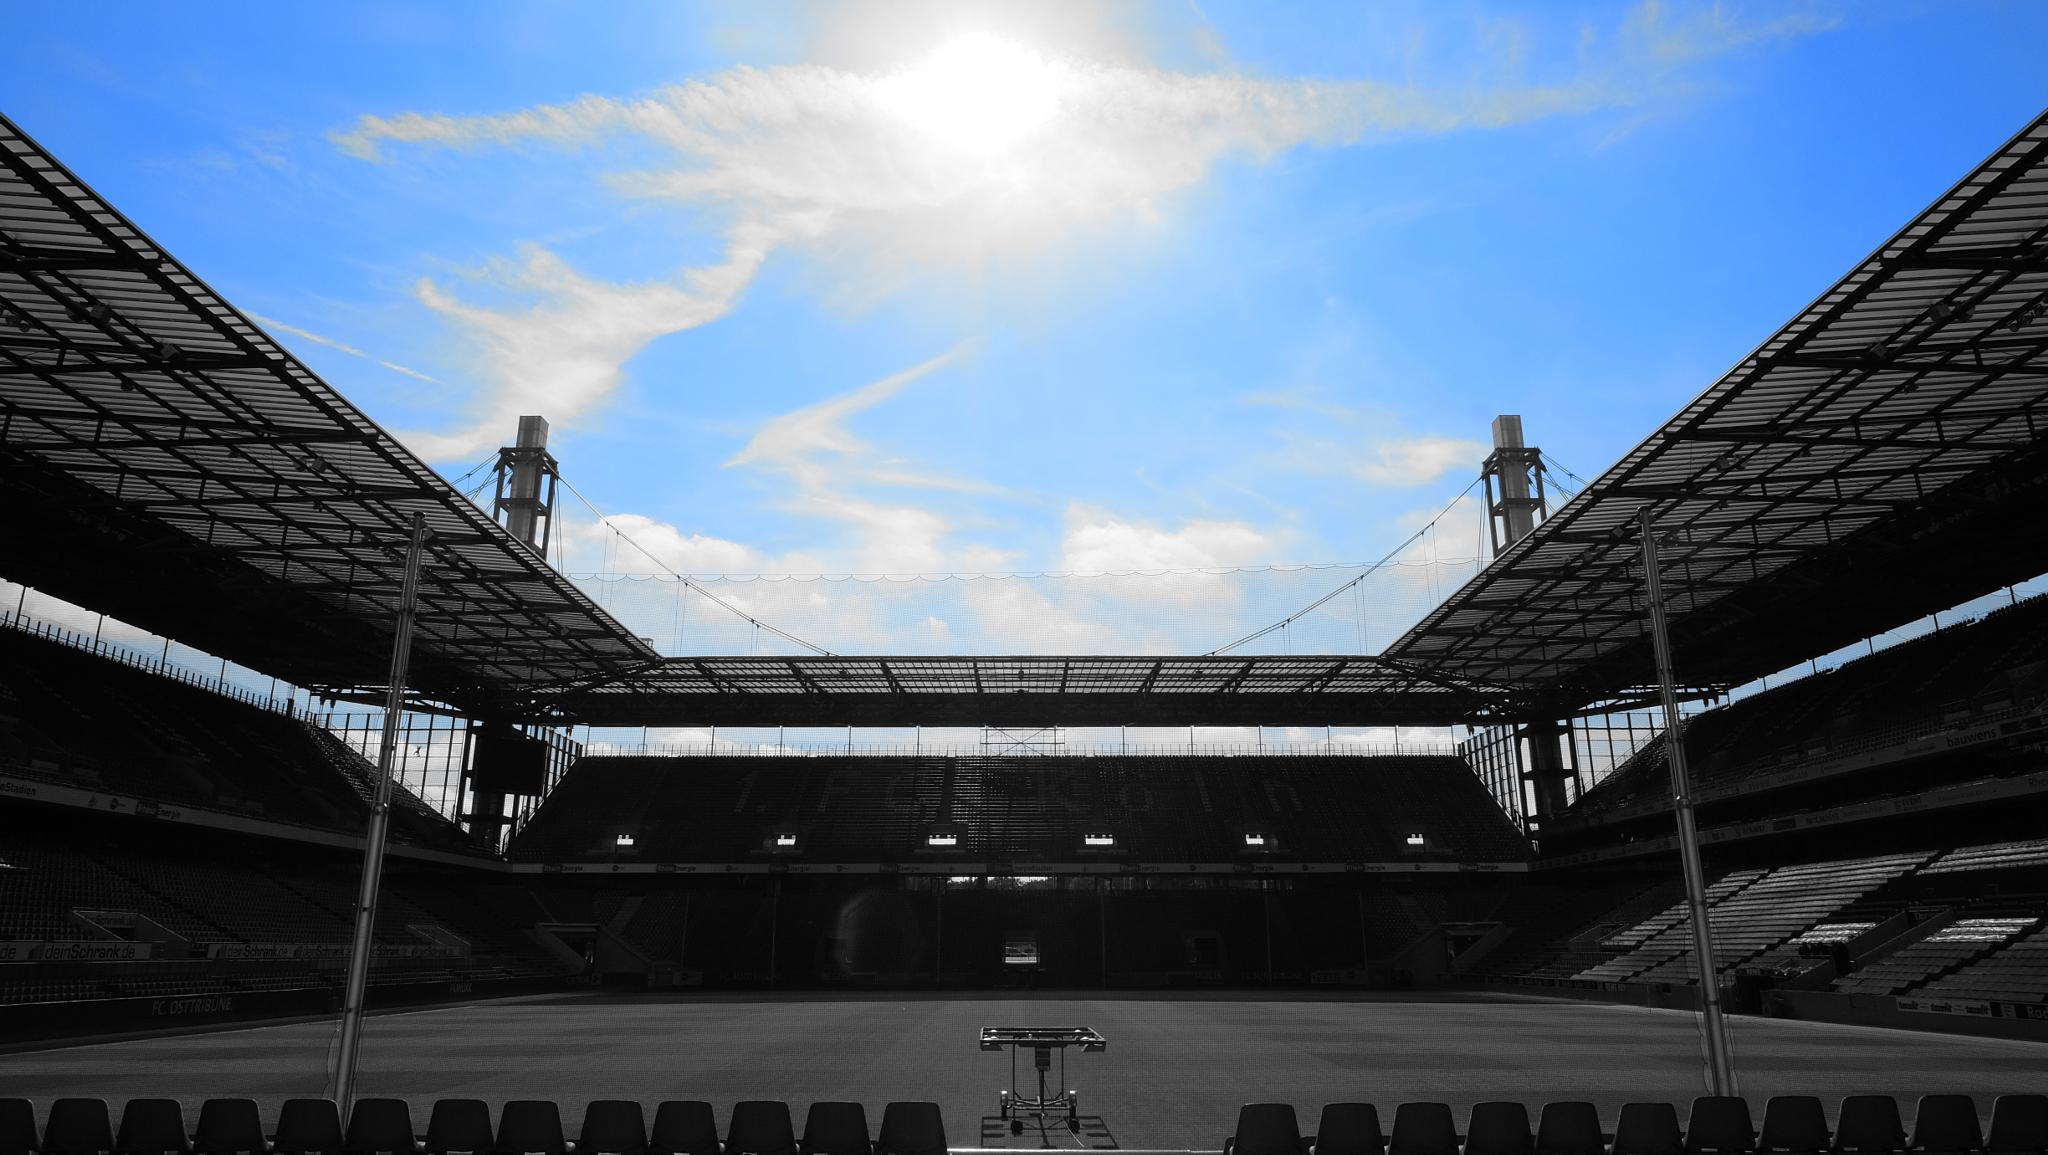 Stadium Cologne by Juergen Schmitz